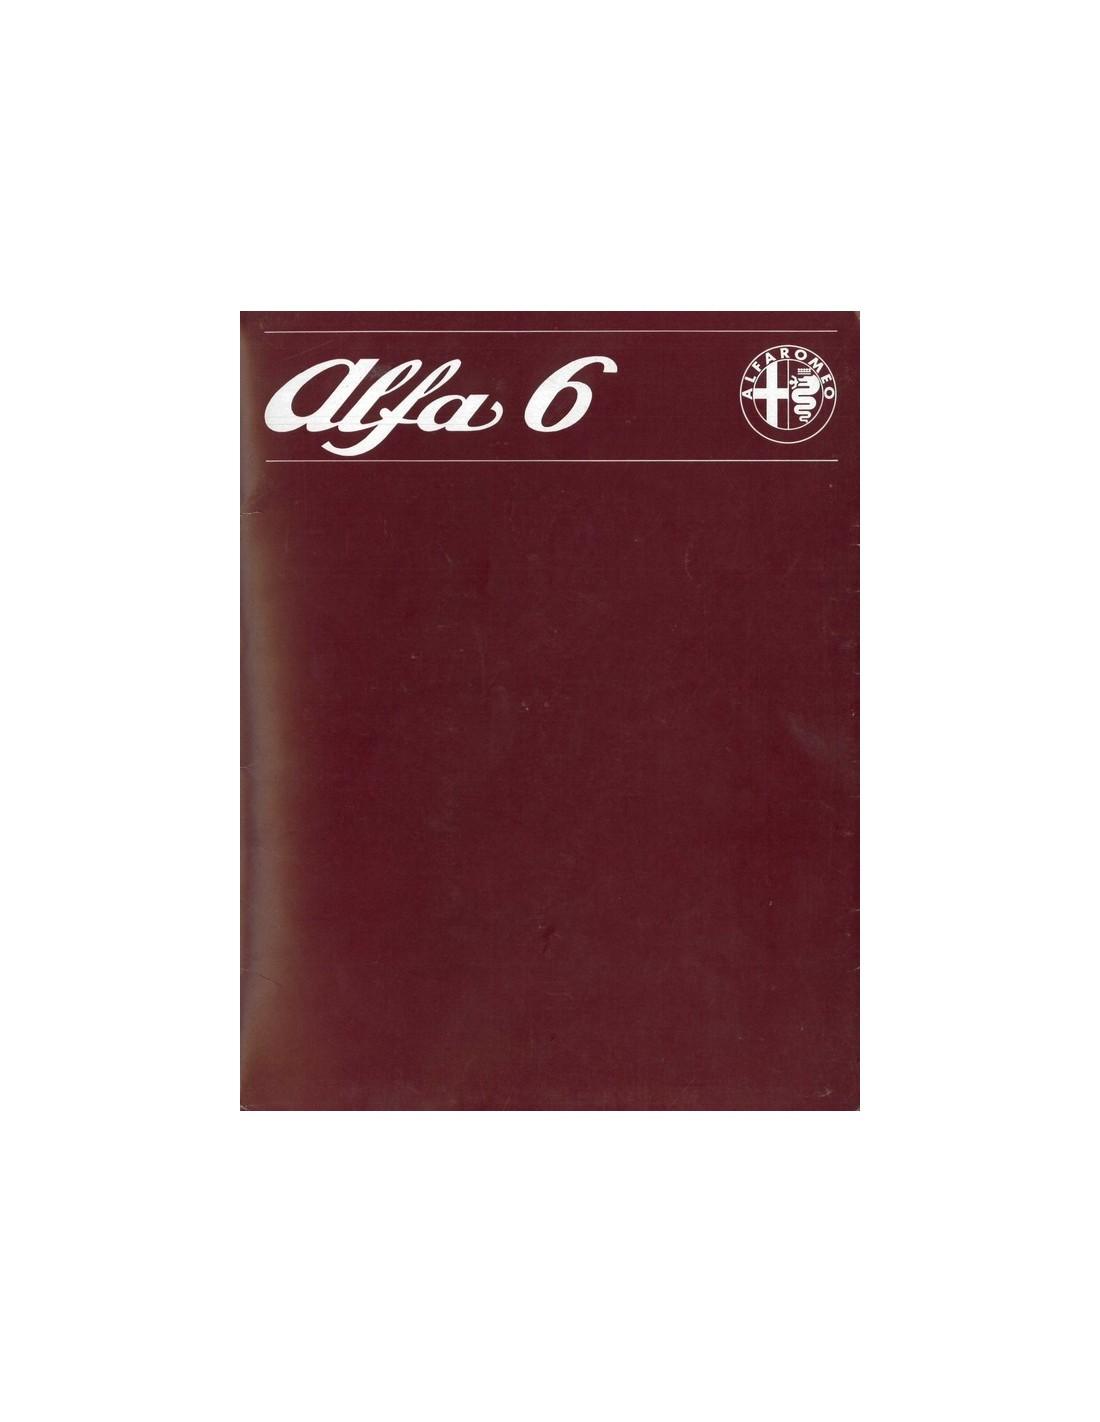 1979 ALFA ROMEO 6 BROCHURE DUTCH